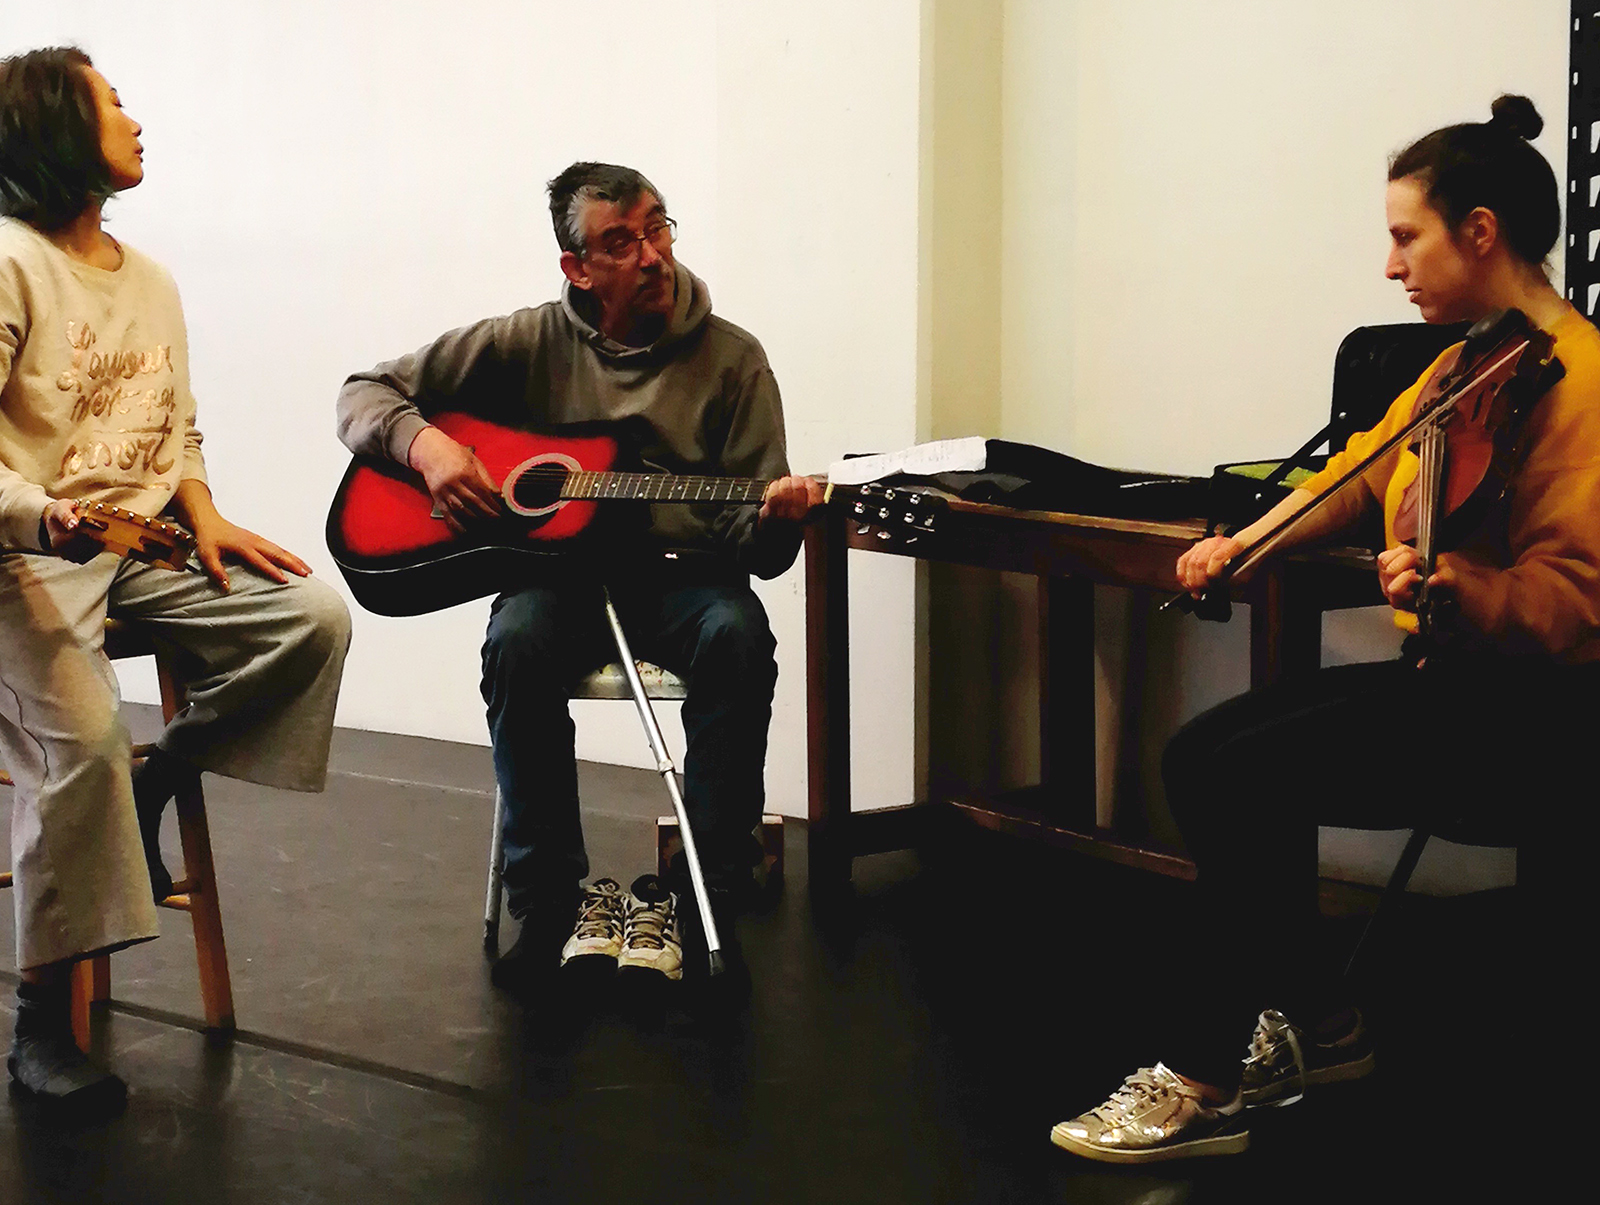 En salle de répétition, la danseuse Angie Cheng joue du tambourin, l'artiste Michael Nimbley joue de la guitare et la musicienne Anna Atkinson joue du violon.